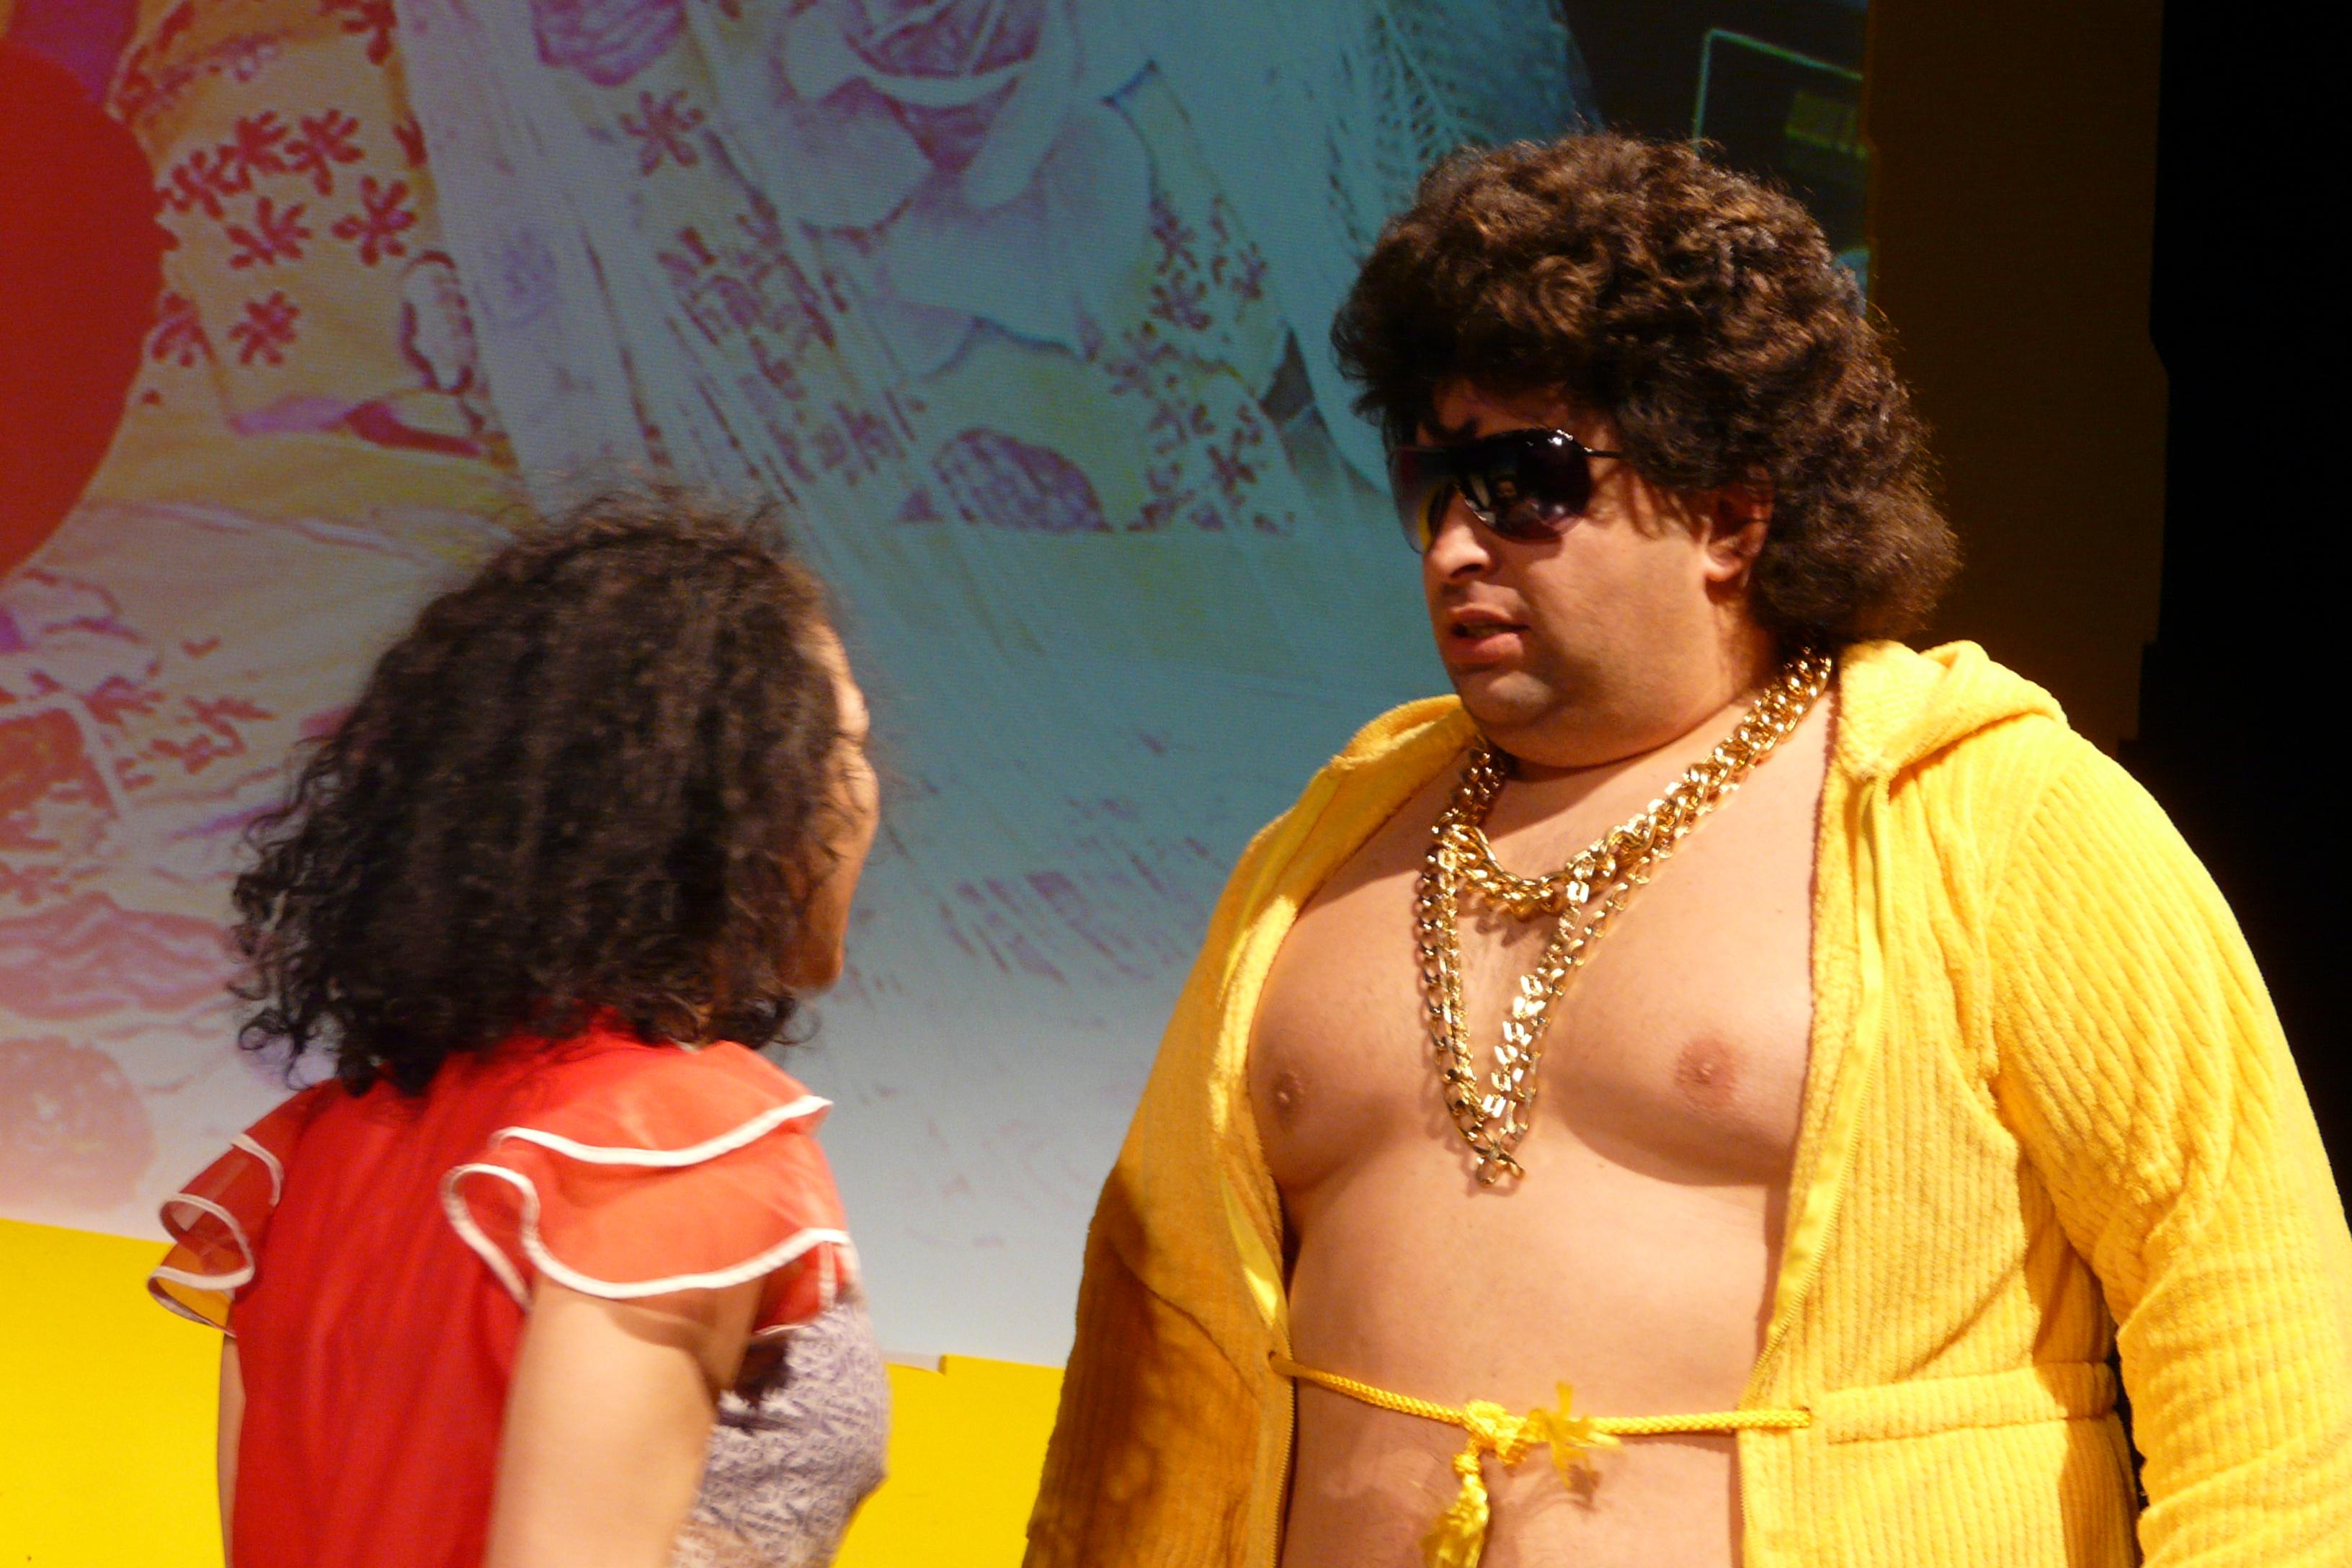 Jasna und ihr Ehemann Elvis